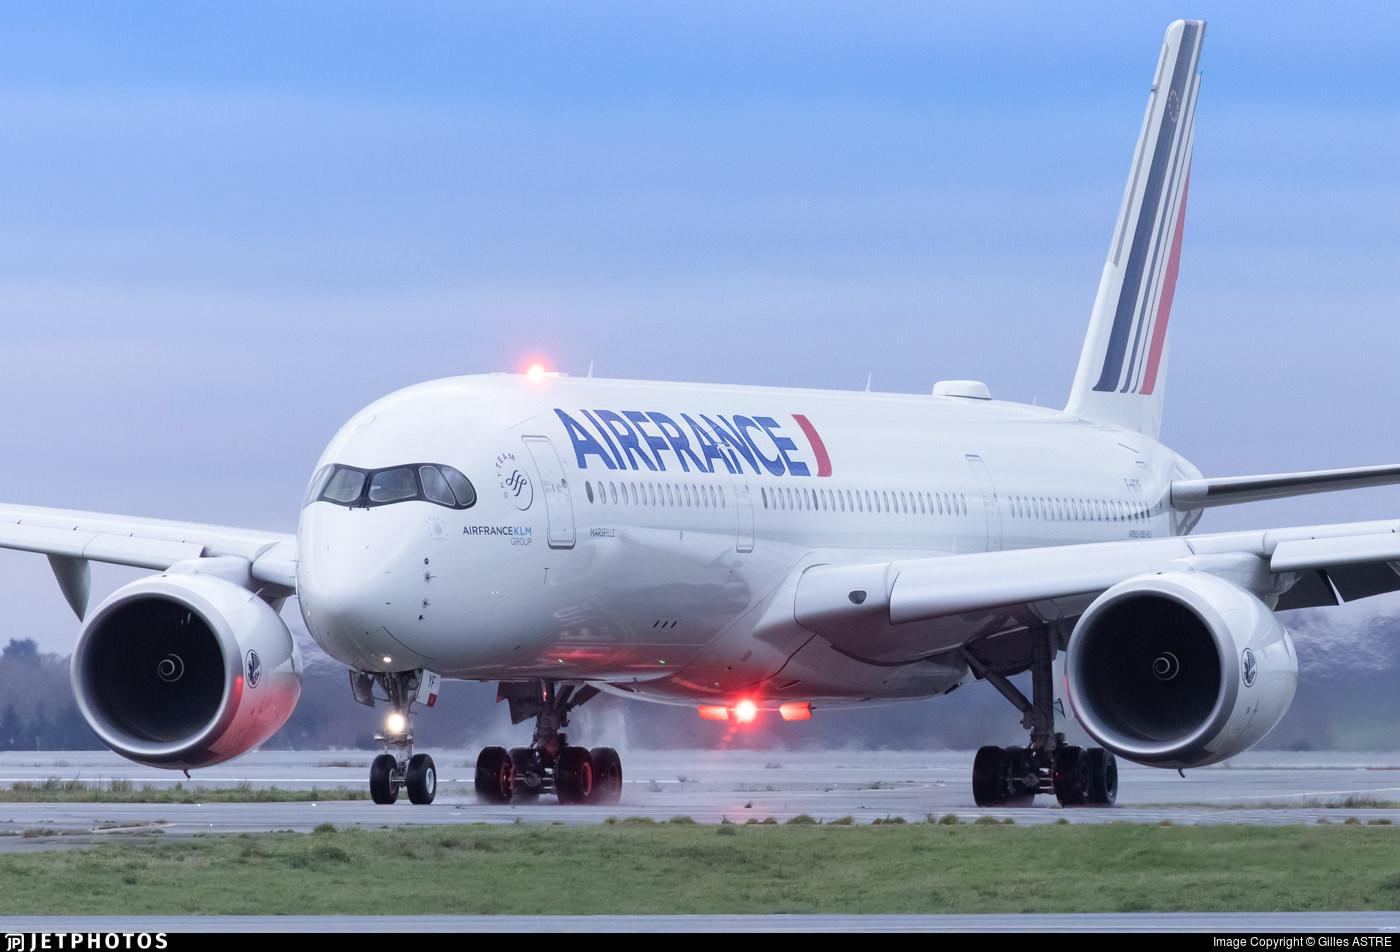 An Air France A350